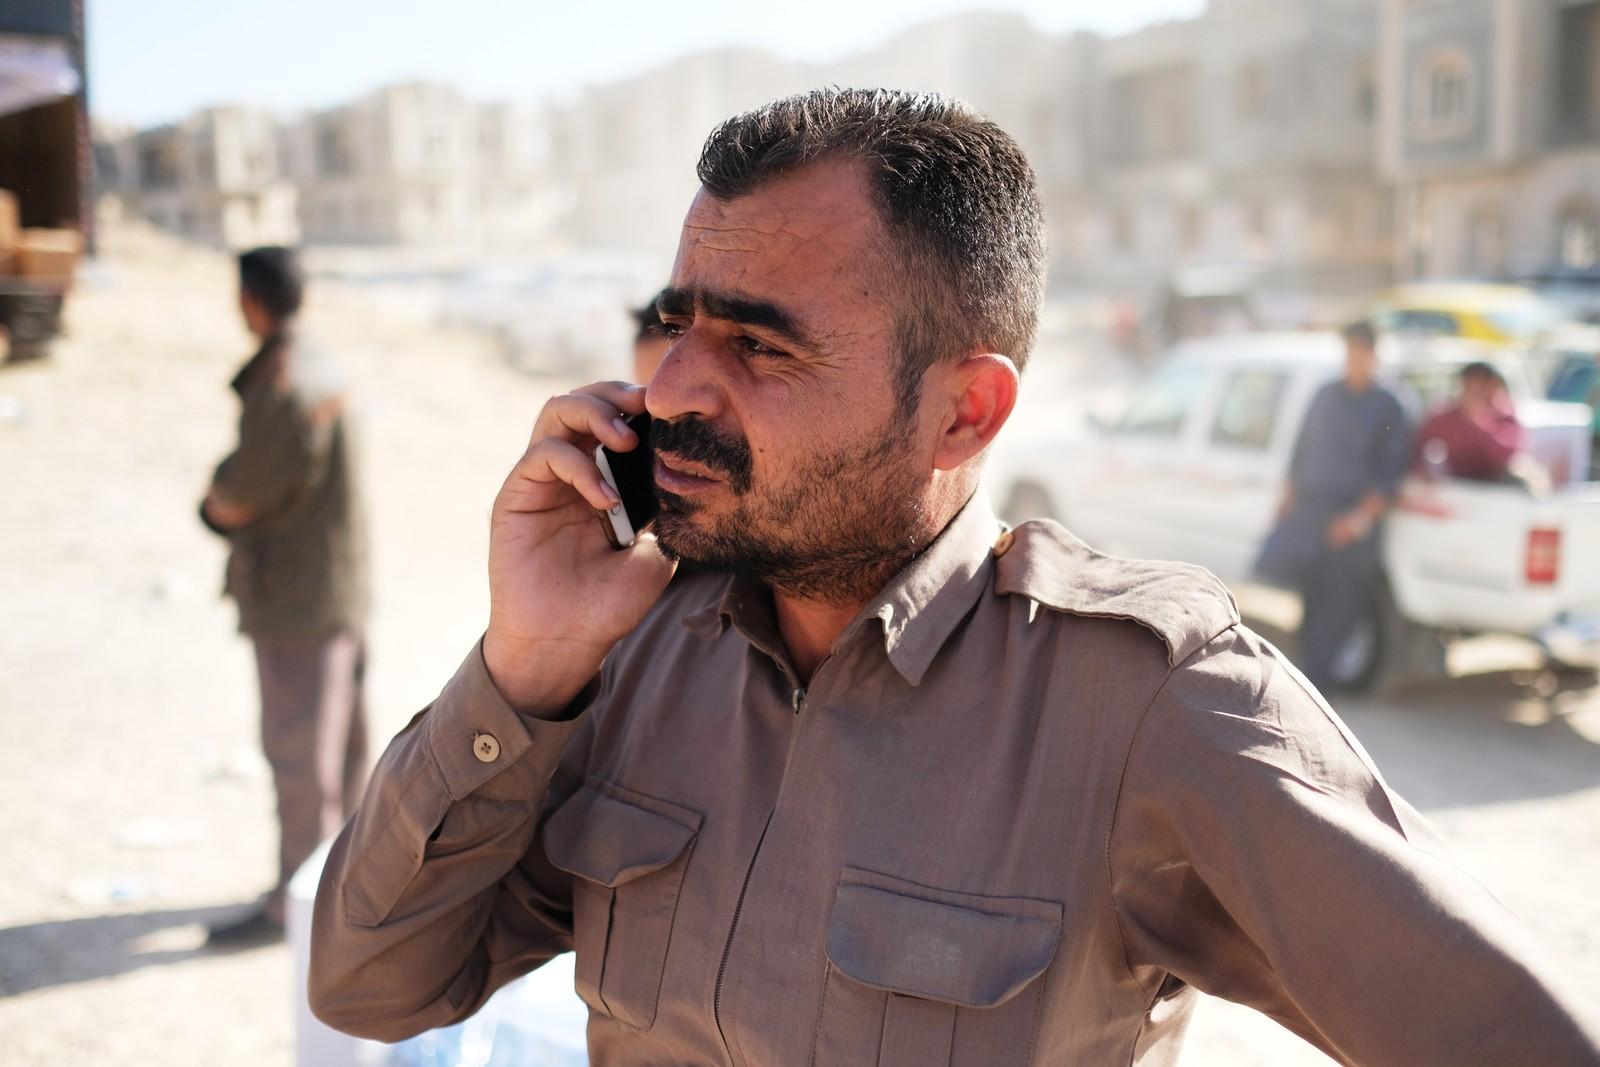 Shaxwan Ghalib Jalal måtte rømme Kirkuk da irakerne kom. NRK møter ham ved en utdeling av mat og pledd i Erbil. Han står i telefonen hele tida, for å finne ut hvor familien er blitt av.